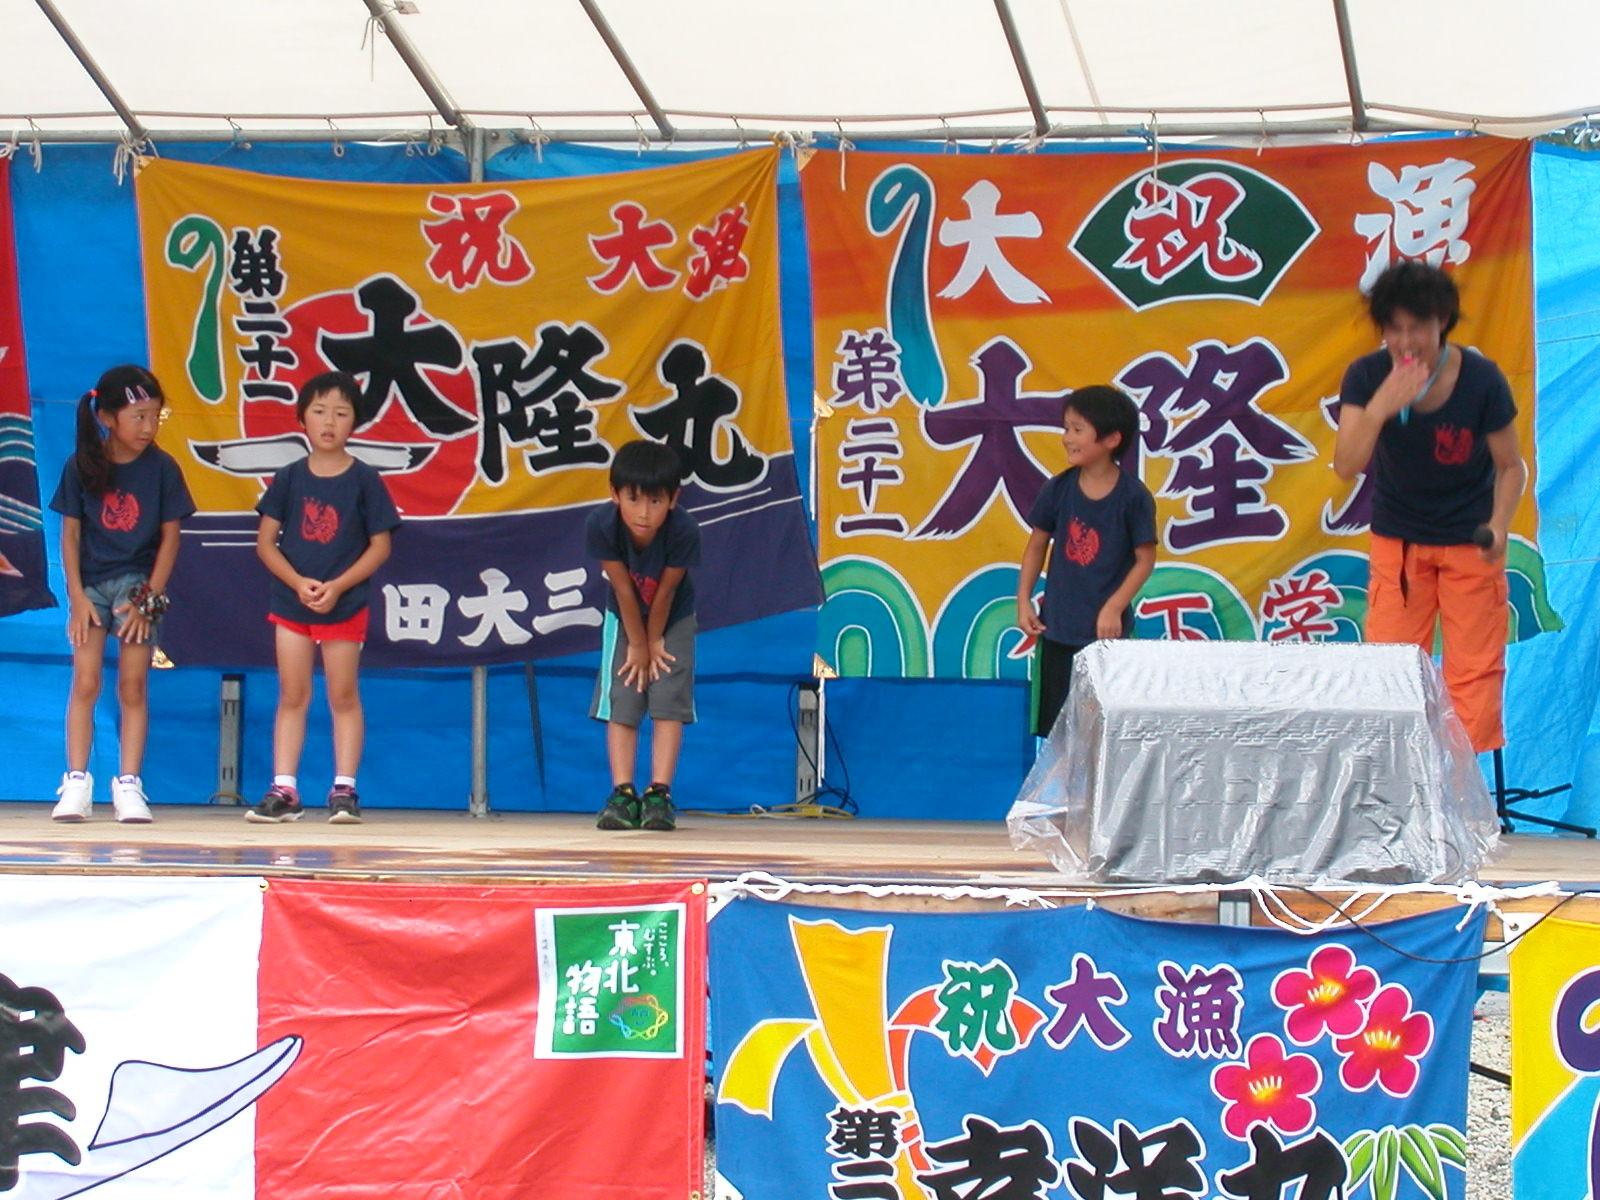 Hop Kids Club 南三陸体操教室